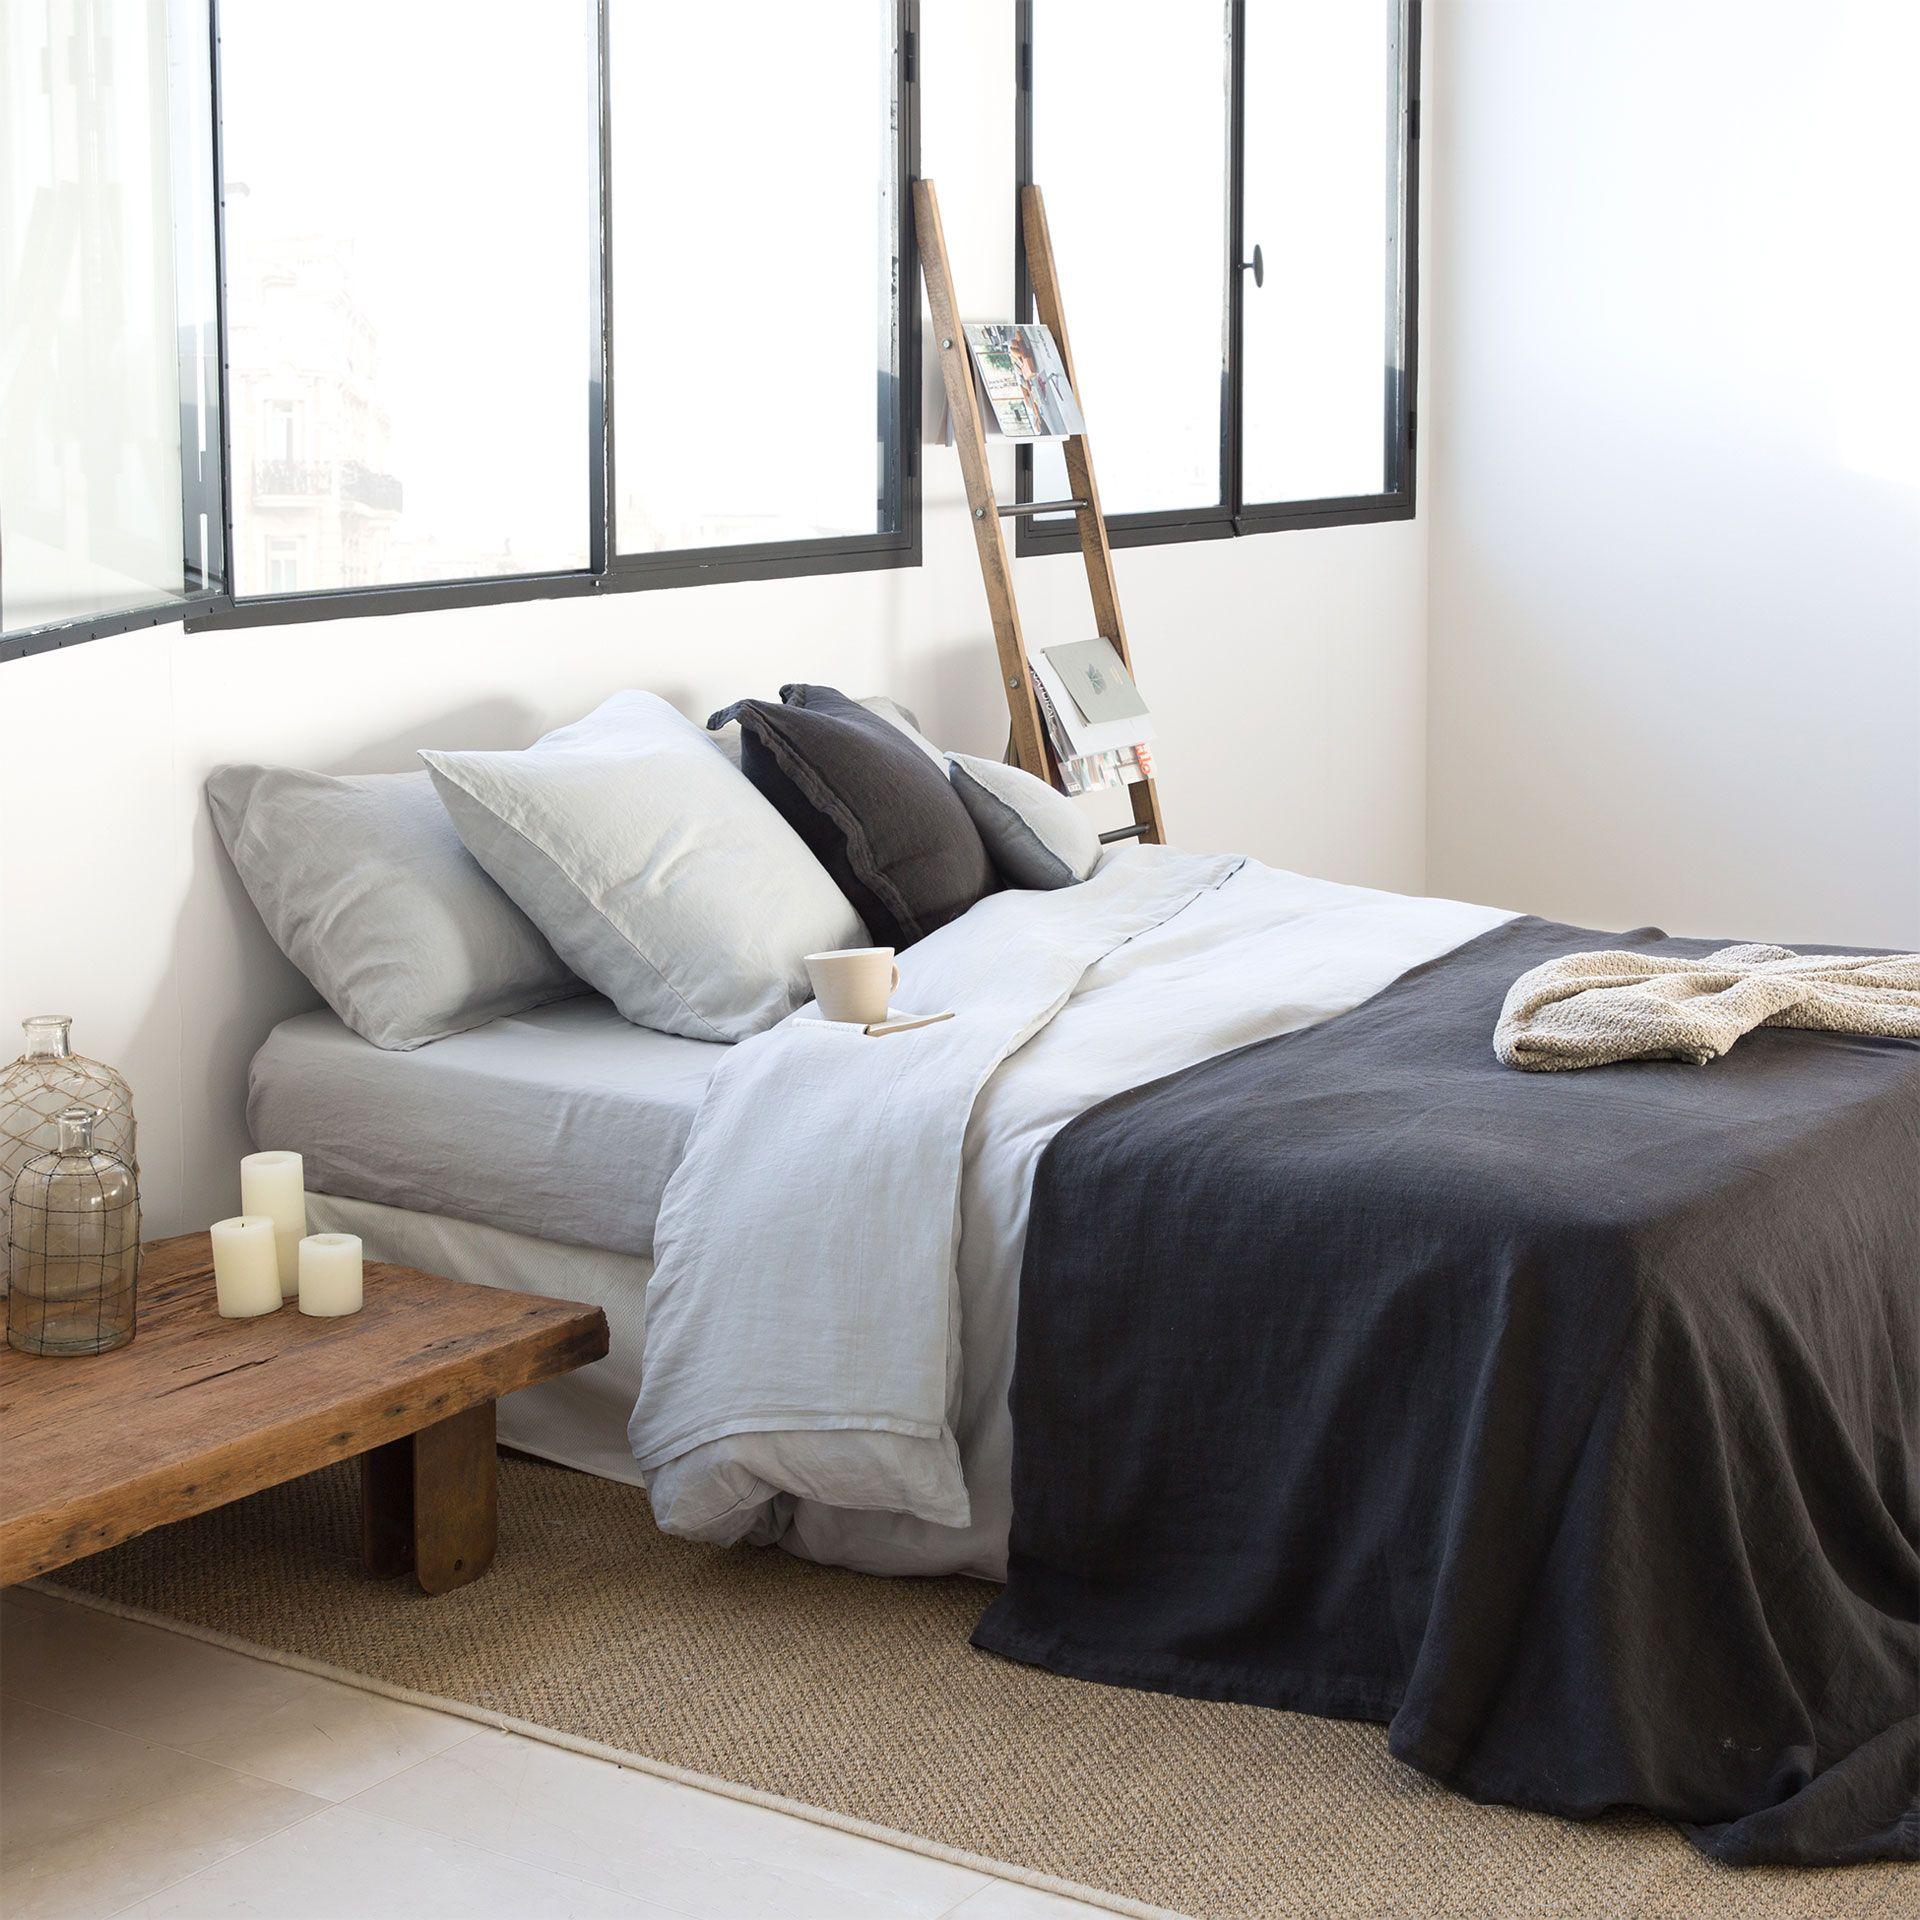 Grey Linen Bedlinen Set Bed Linen Bedroom Zara Home